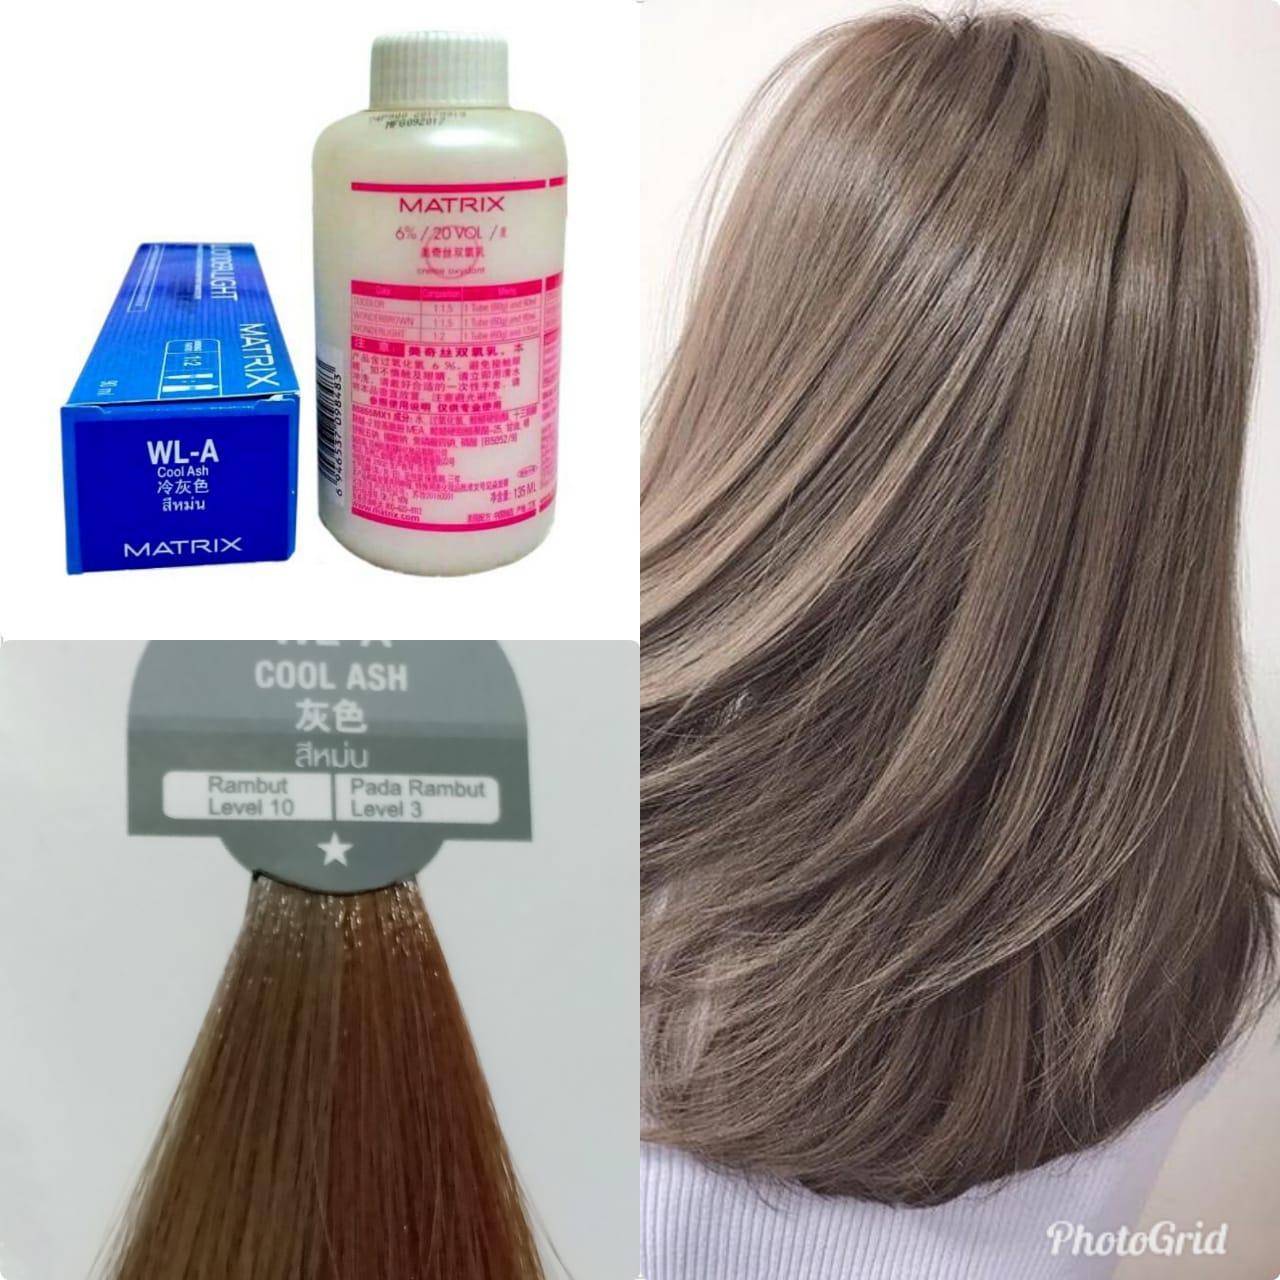 Jual Produk Perawatan Rambut Terbaik | Lazada.co.id